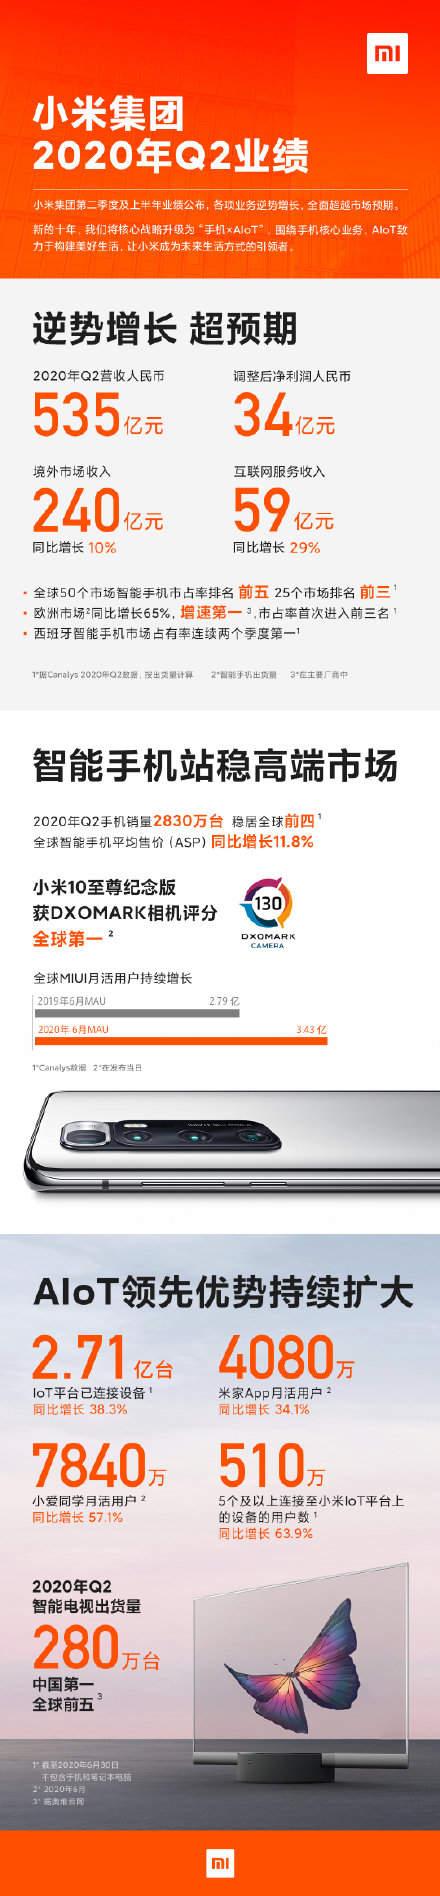 小米集团2020年Q2财报,手机第二季度销量2830万部!